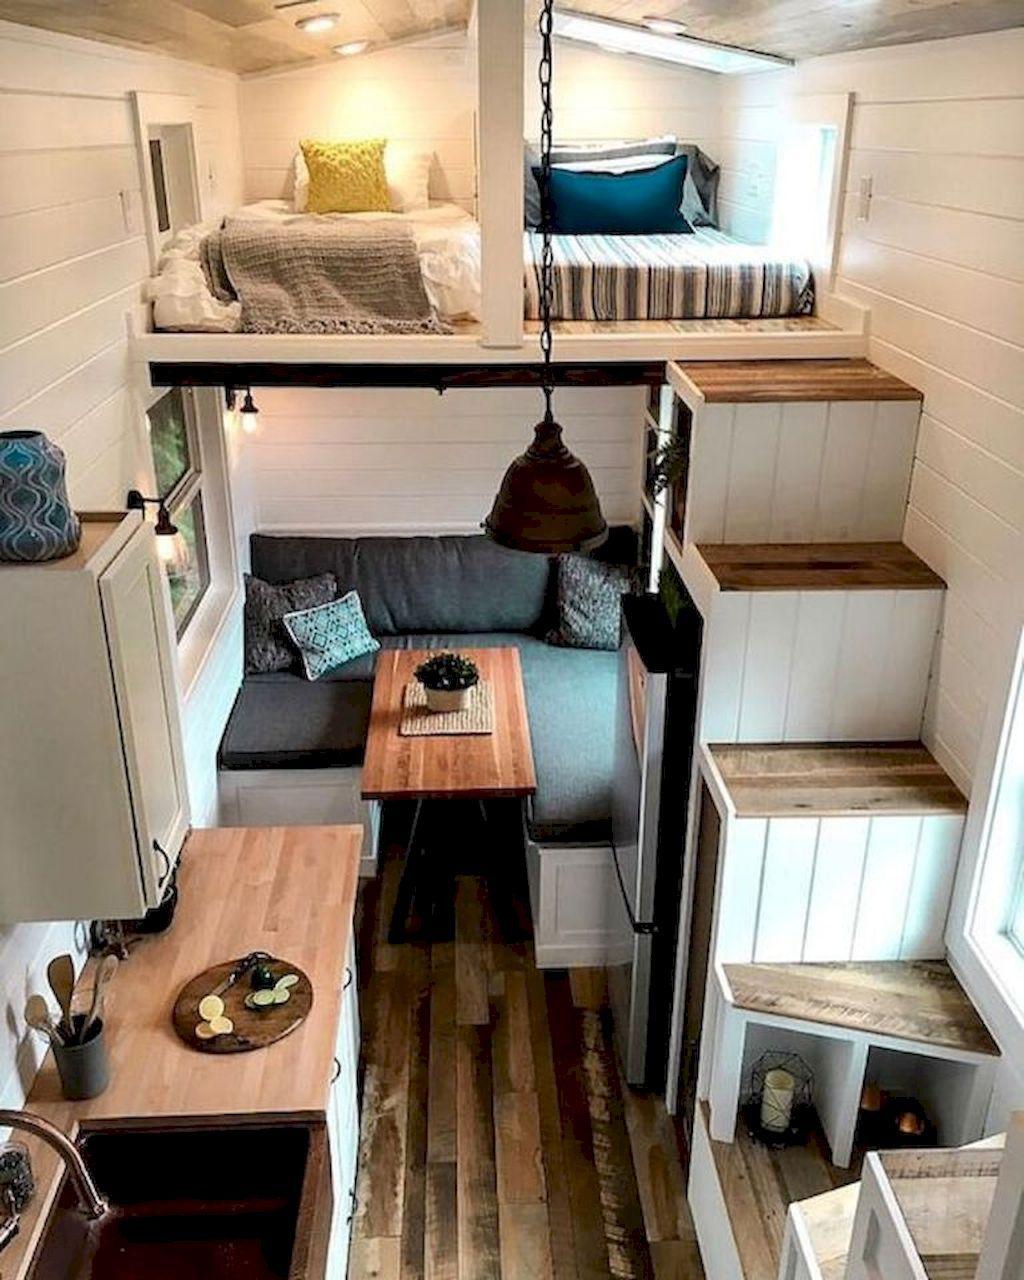 21 Amazing Loft Stair for Tiny House Ideas (mit Bildern)  Kleines